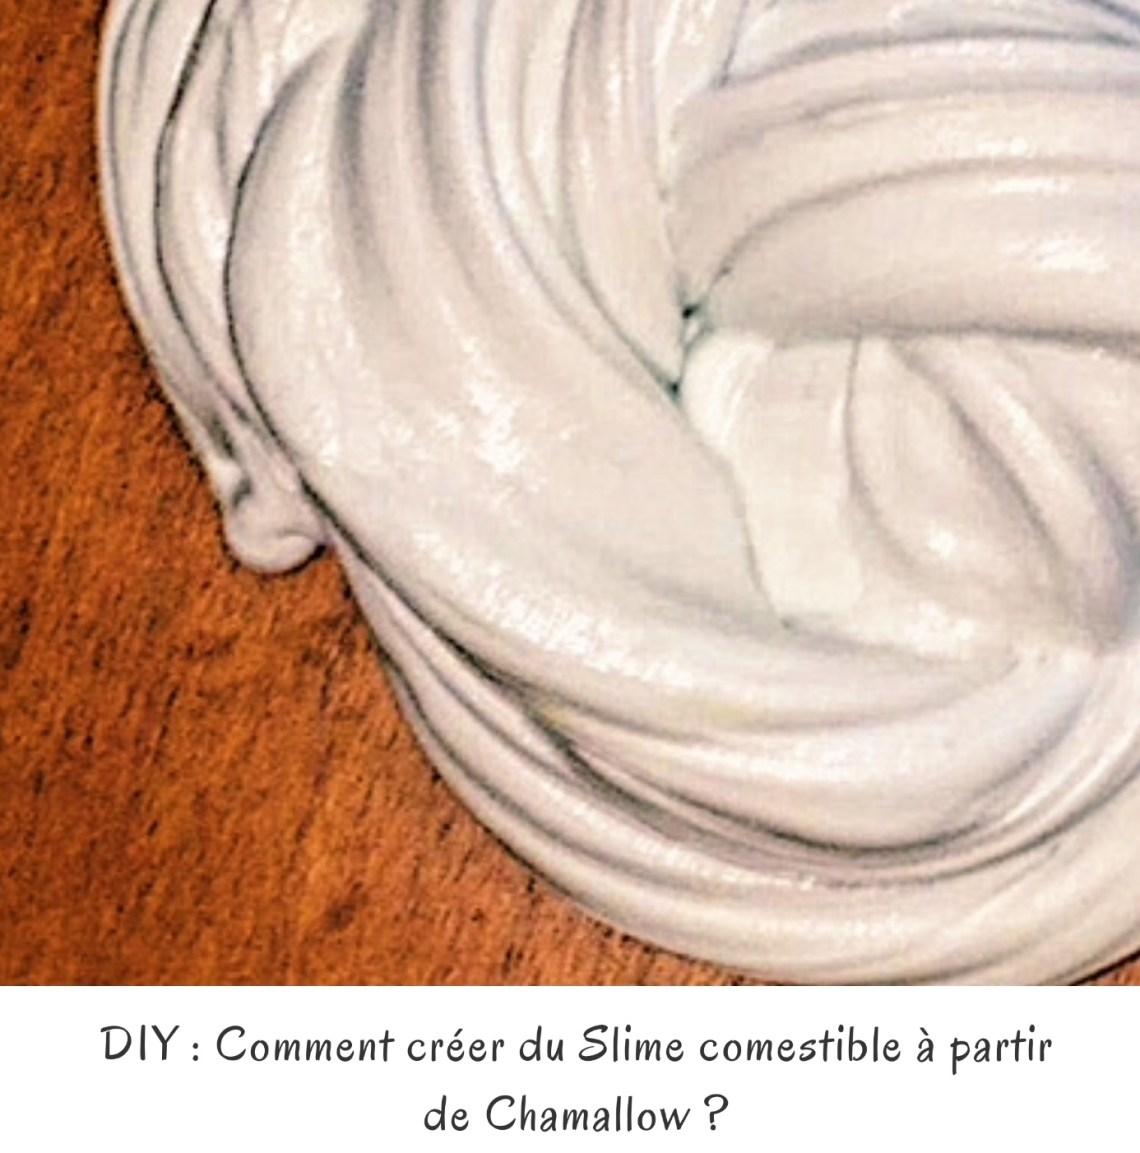 DIY : Comment créer du Slime comestible à partir de Chamallow ?